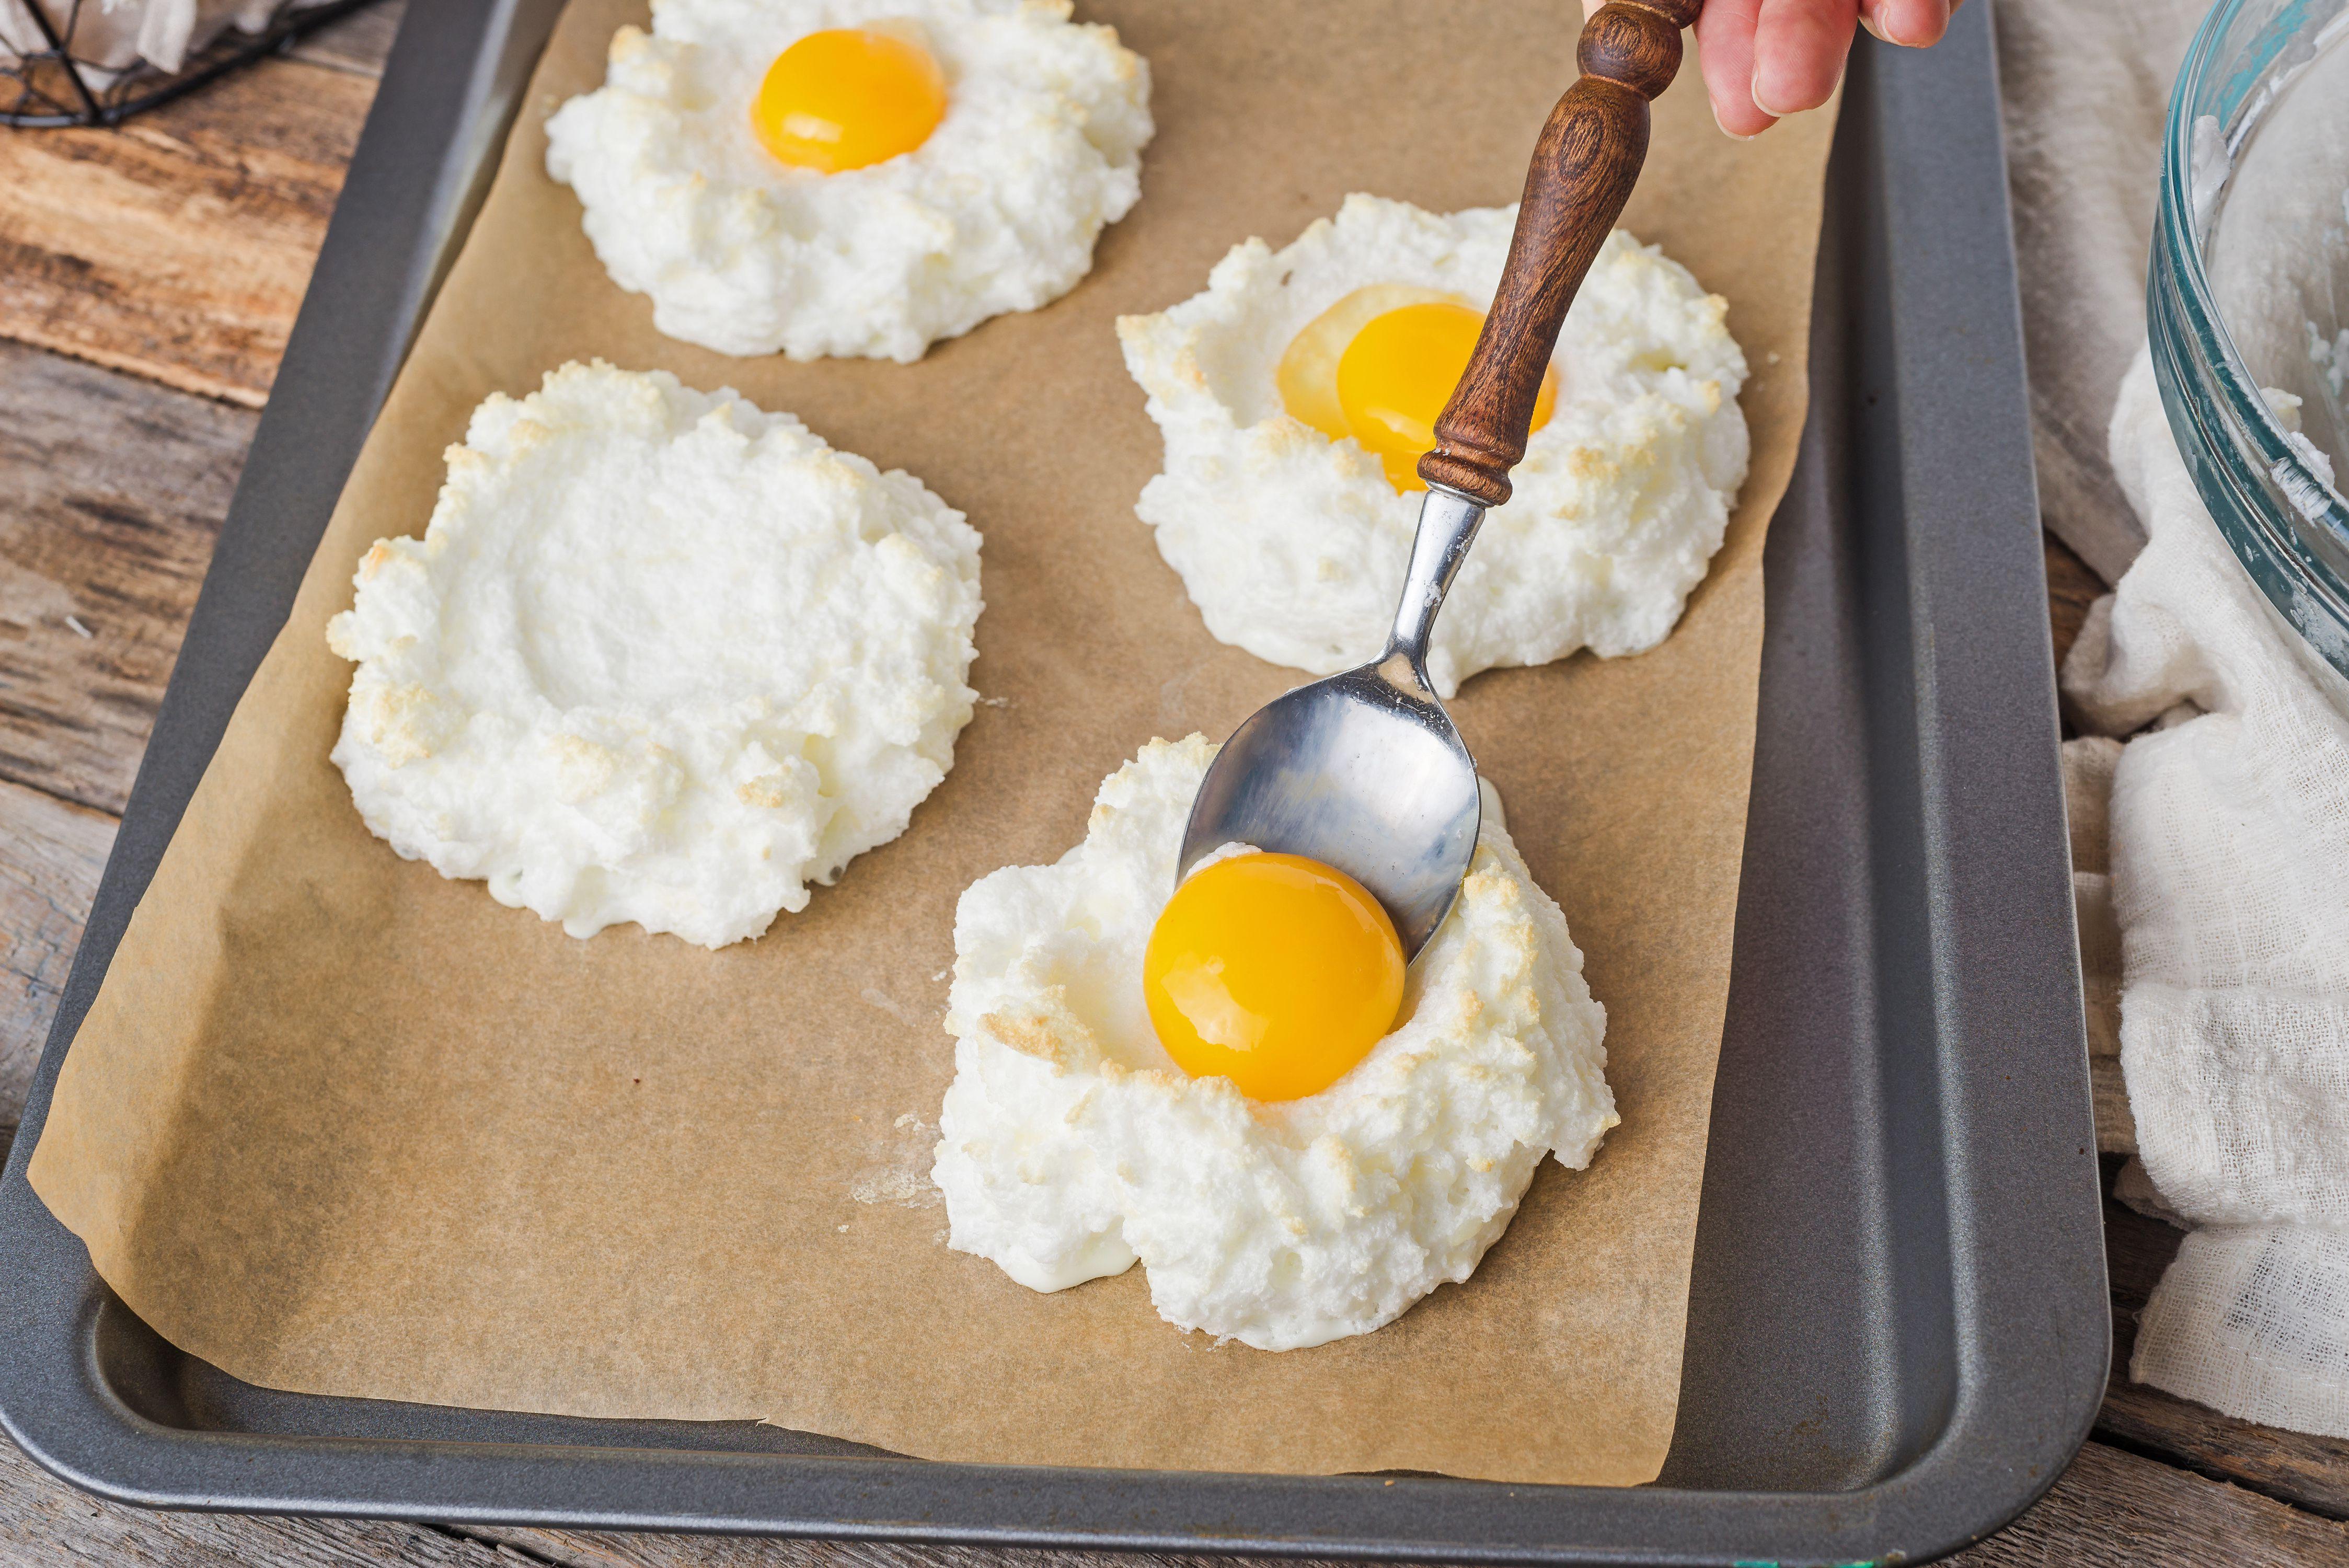 Spoon yolk into center